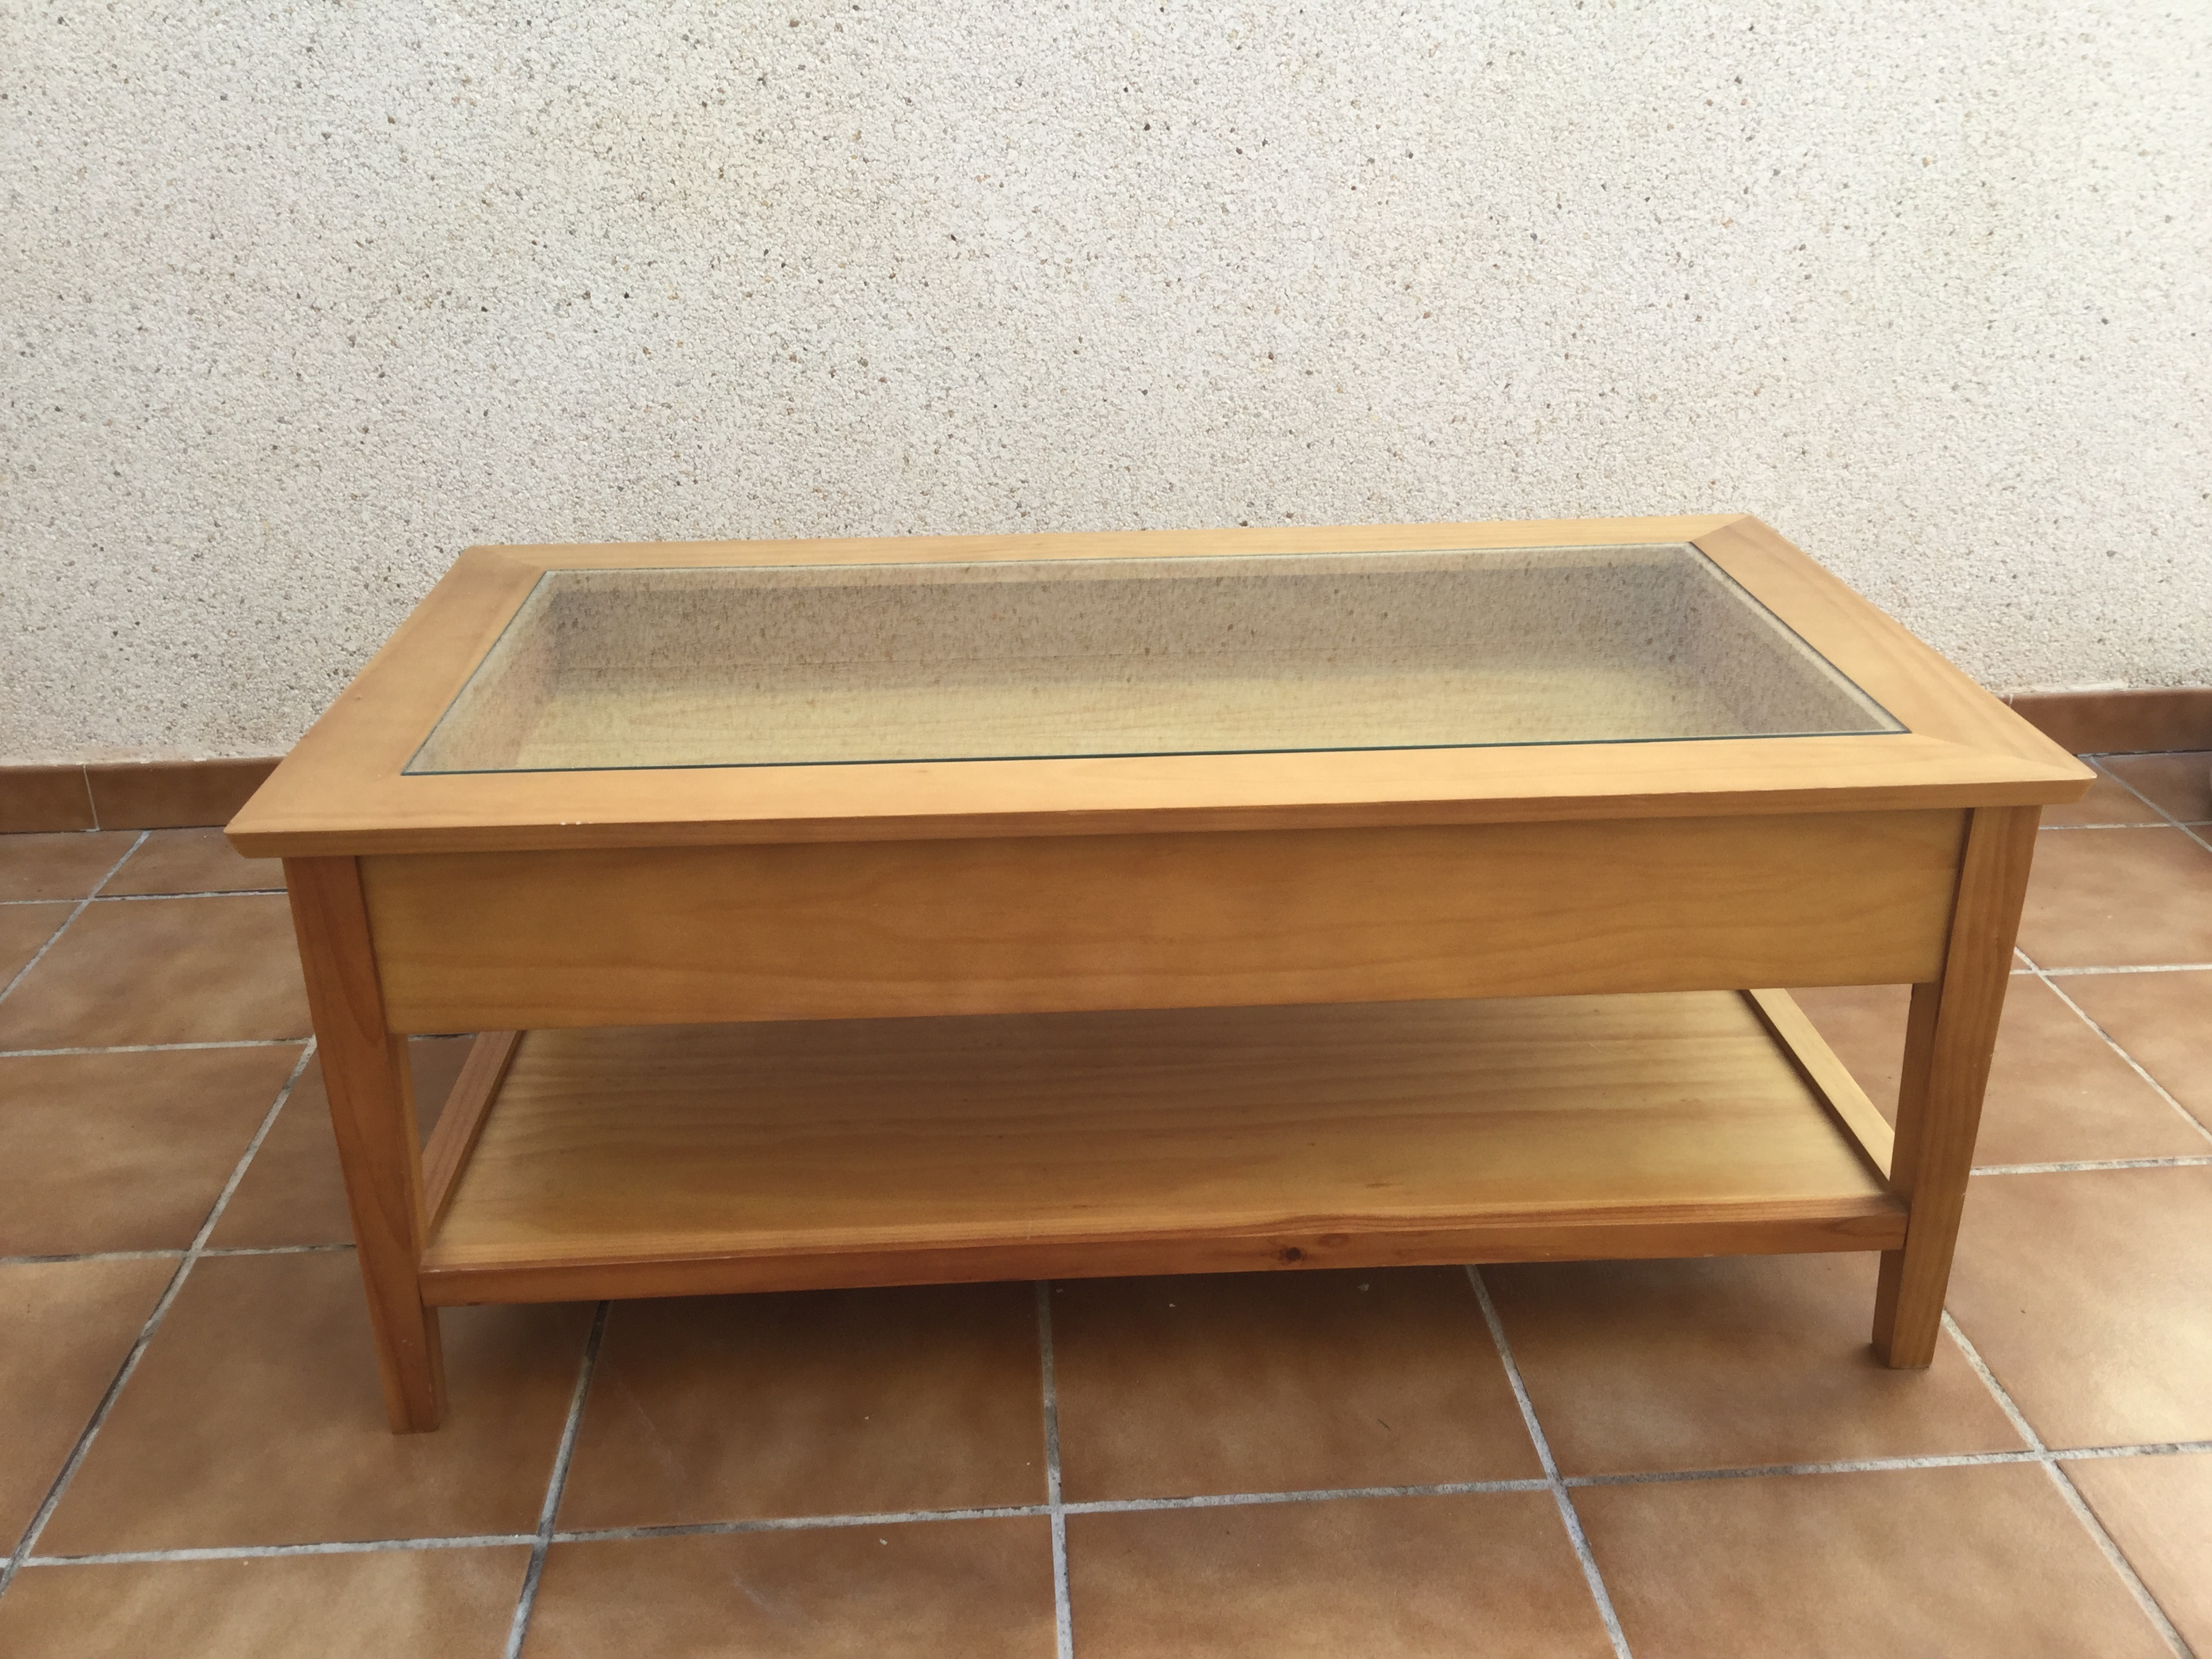 For Sale Glass Top Coffee Table Buy And Sell Items In Santiago De La Ribera Santiago De La